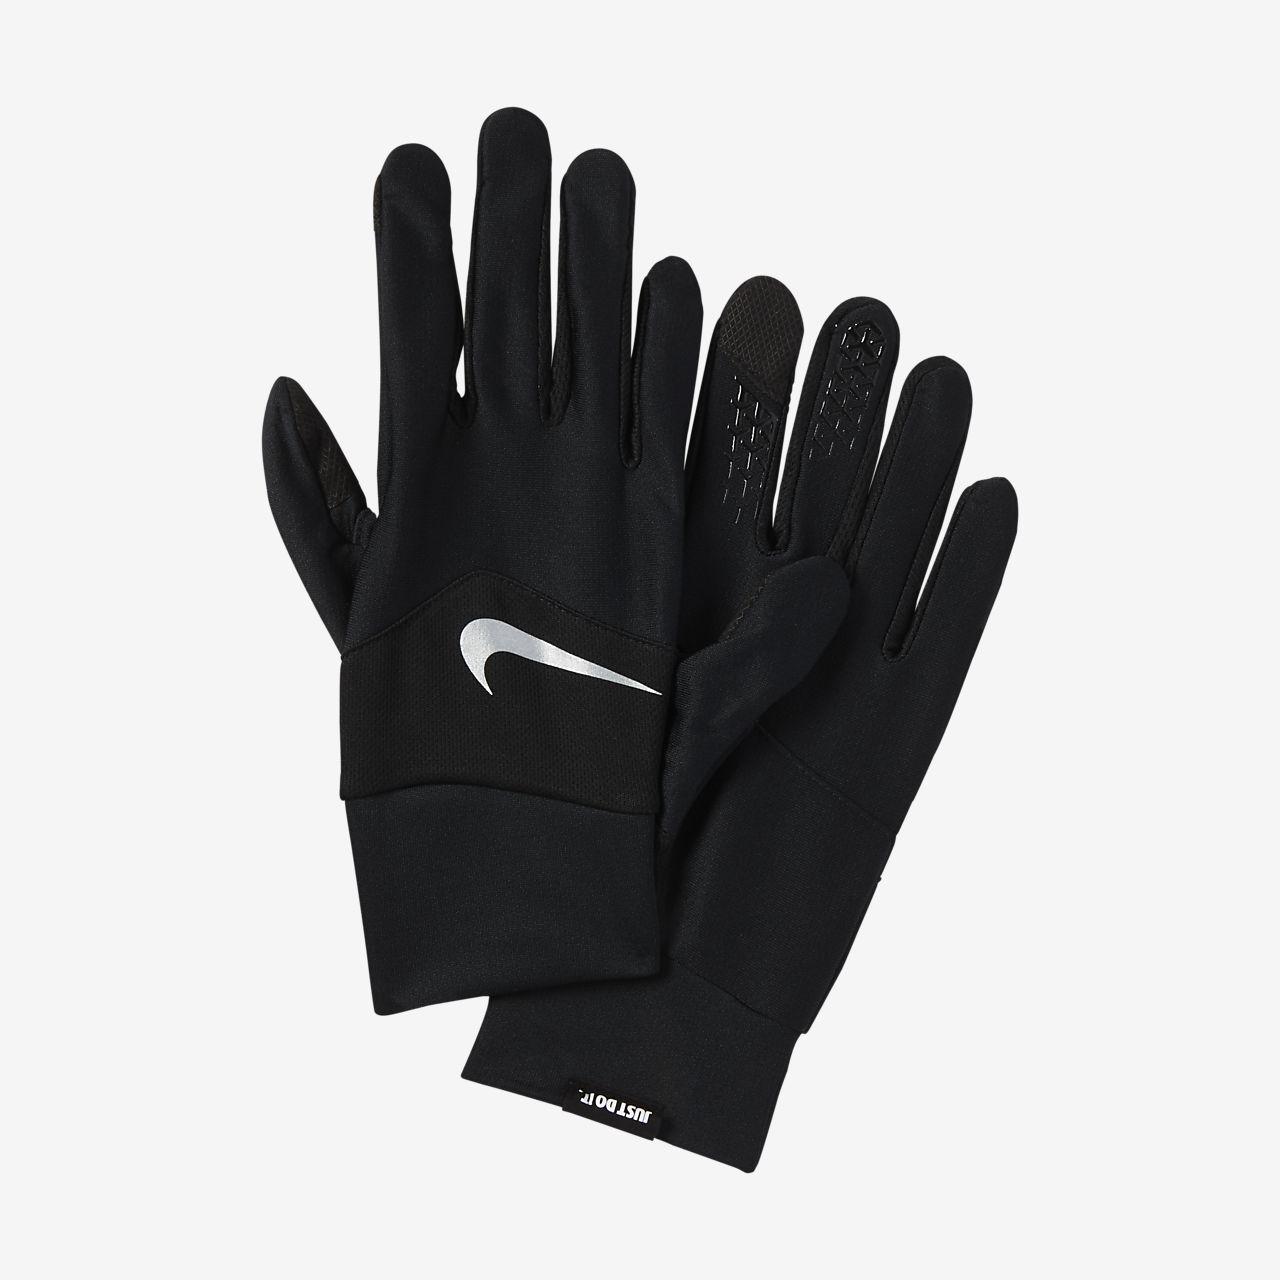 Ανδρικά γάντια για τρέξιμο Nike Dri-FIT Tempo